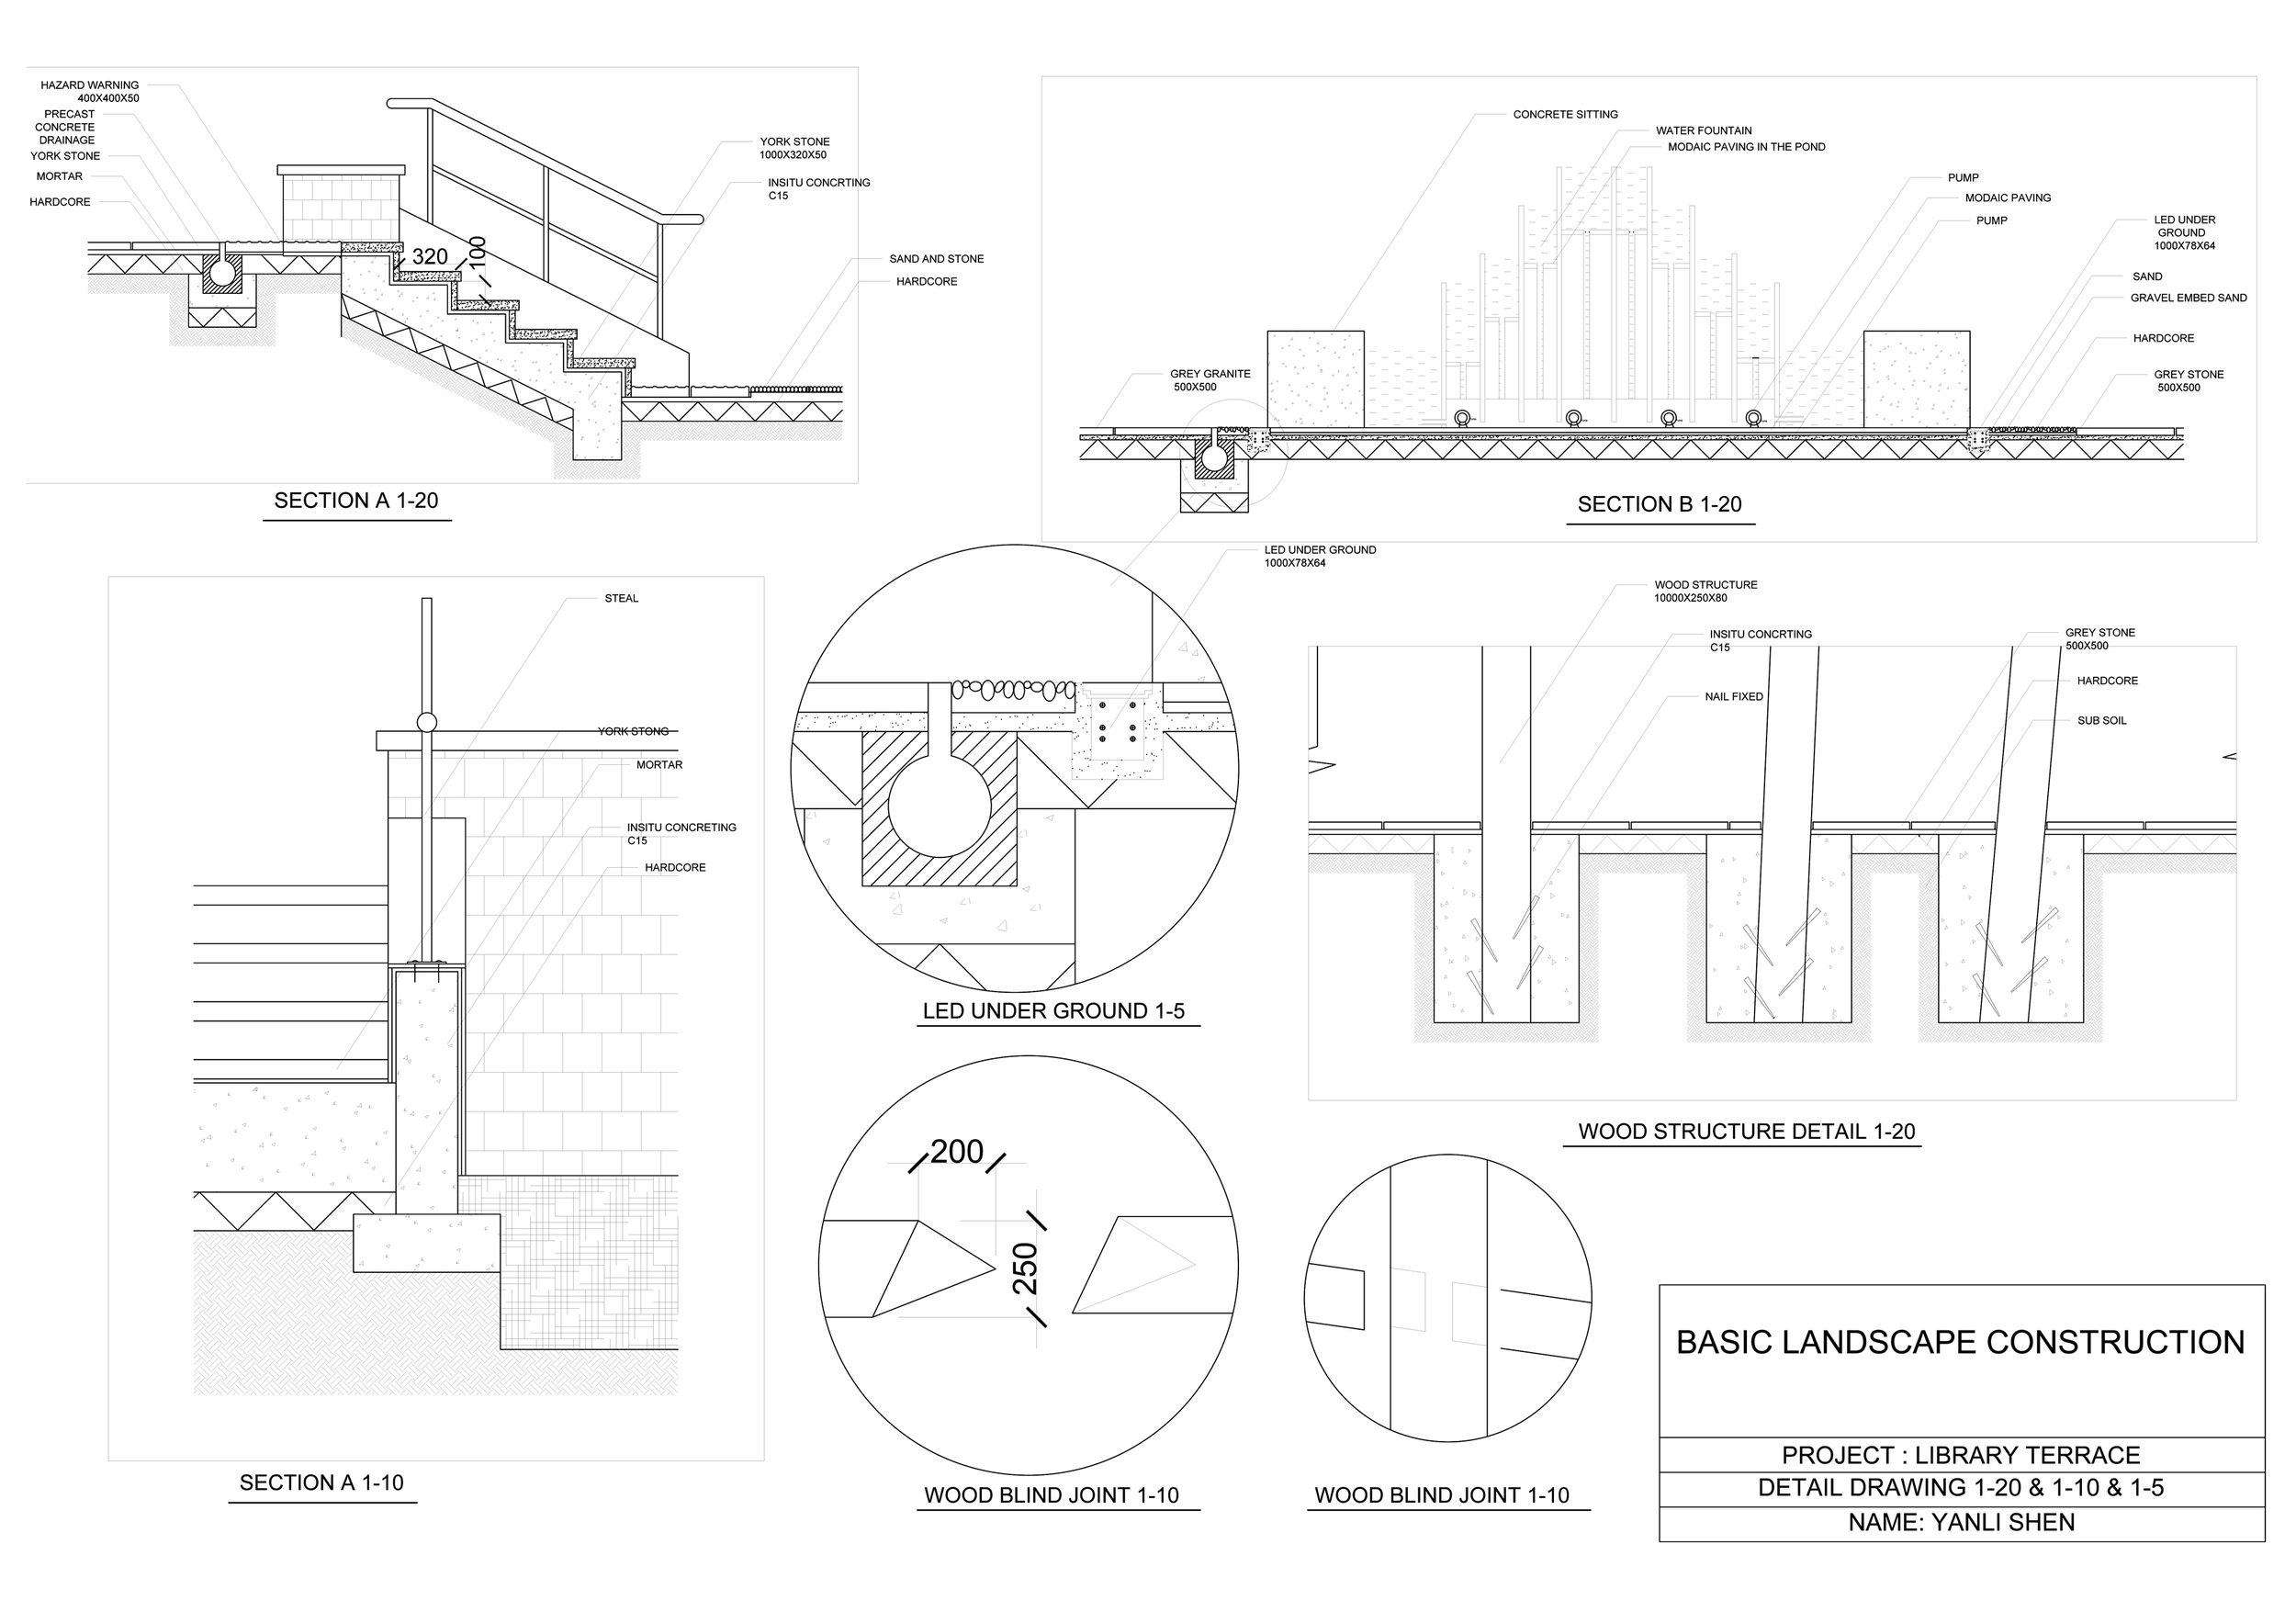 Construction Details 150 pix.jpg